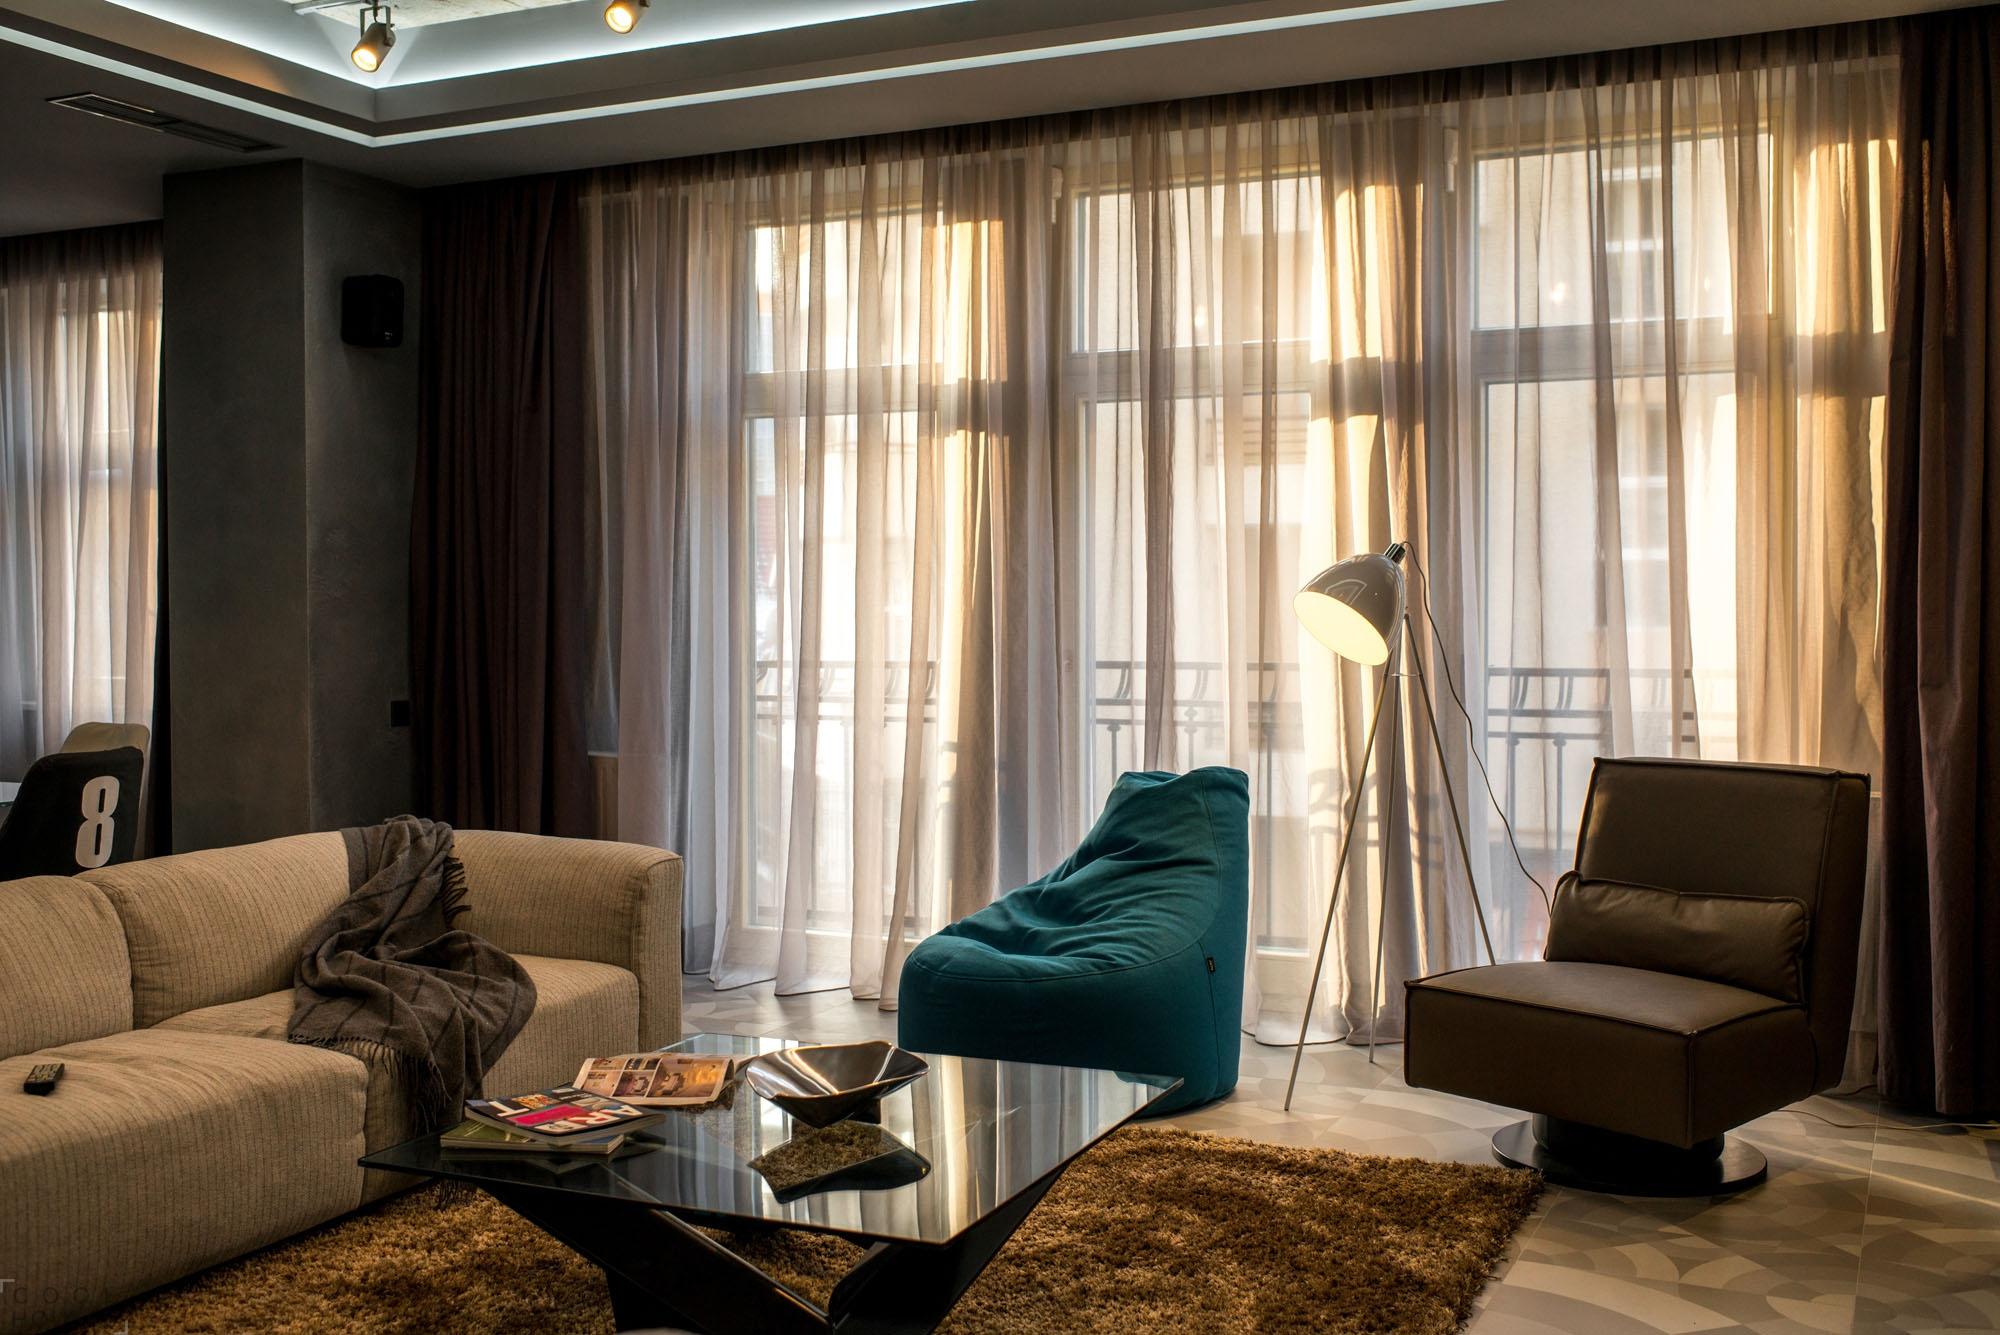 Квартира-студия с уютным интерьером, Украина